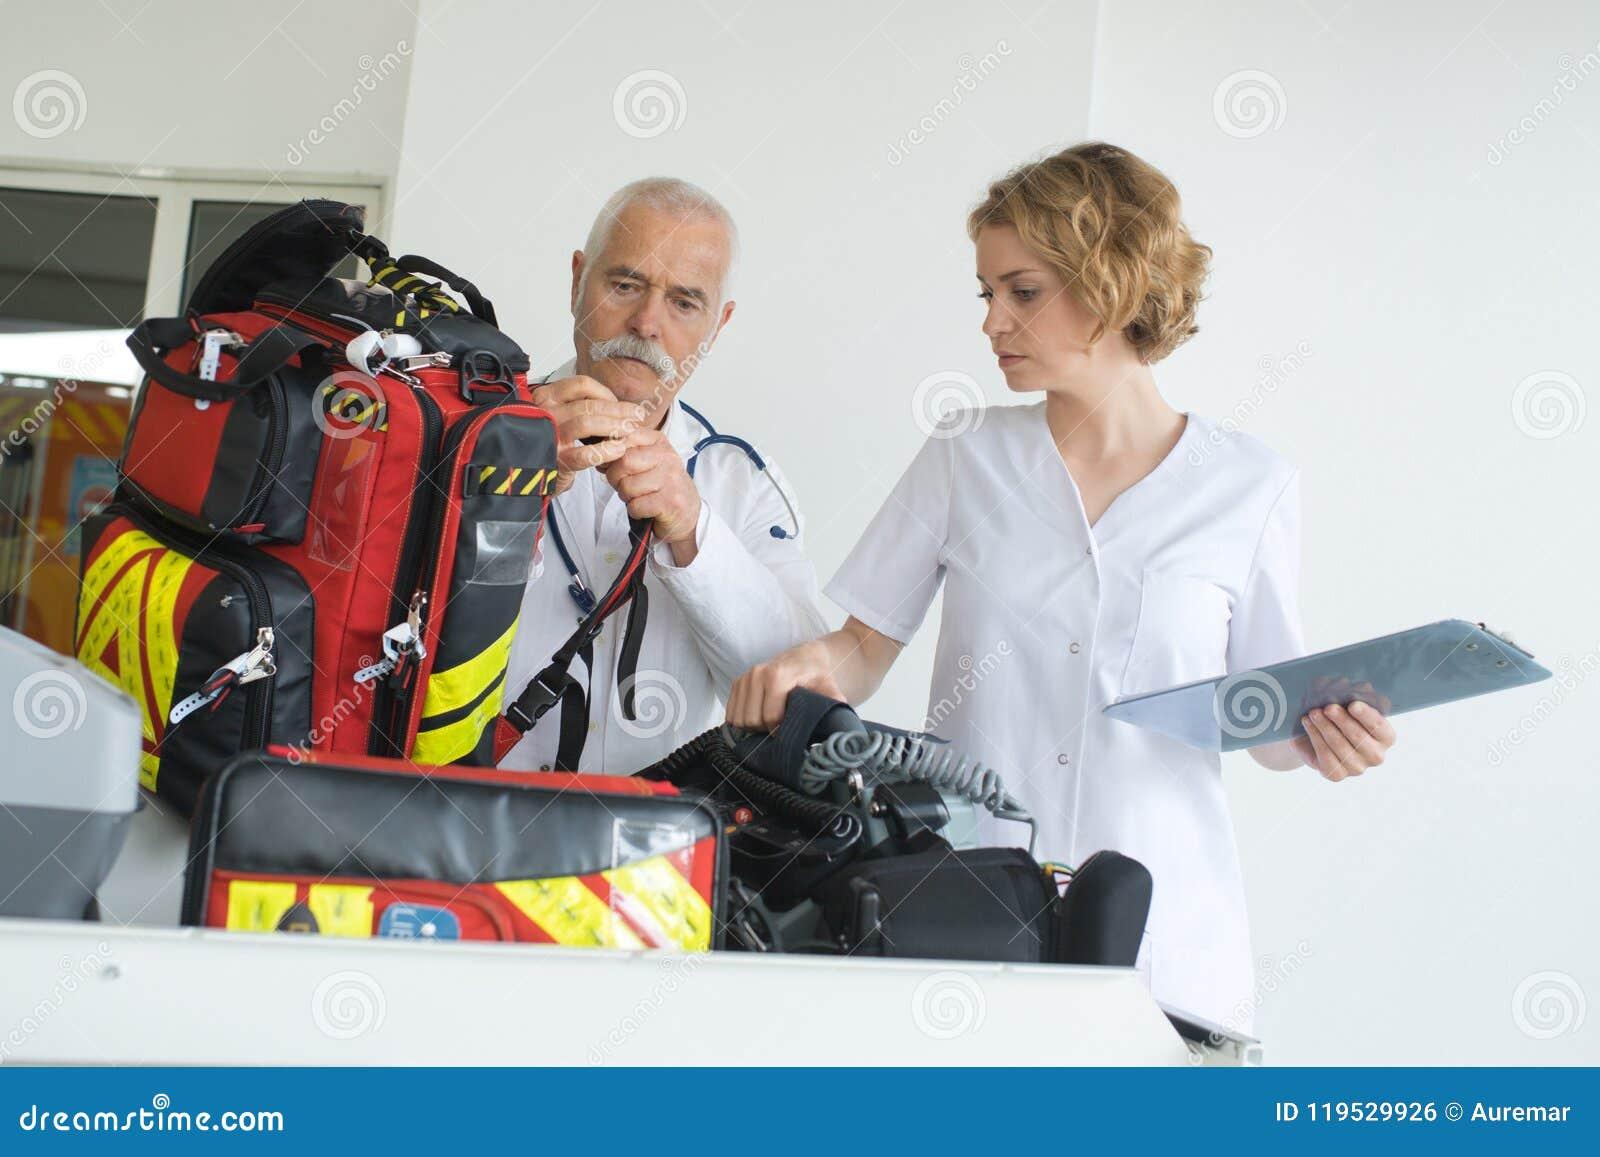 Ambulancier et femme vérifiant la vitesse entre les interventions